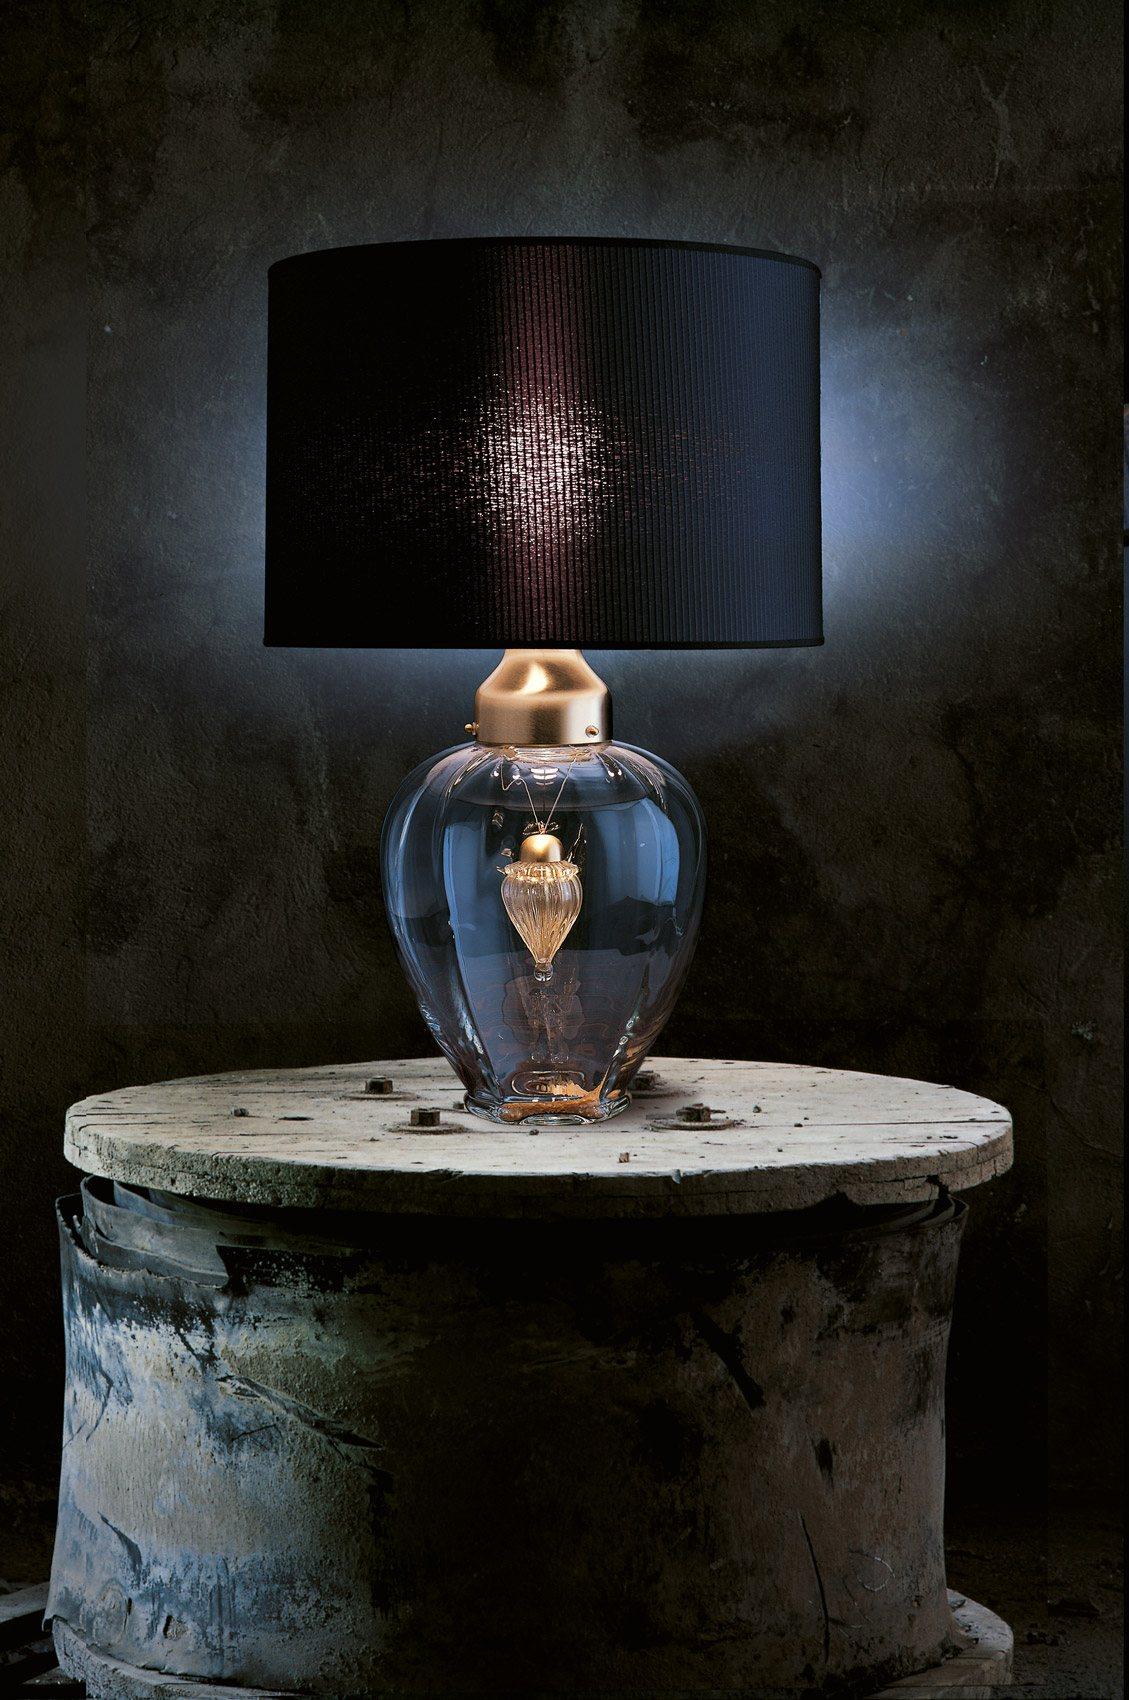 ta diadema tischlampe von vintage. Black Bedroom Furniture Sets. Home Design Ideas